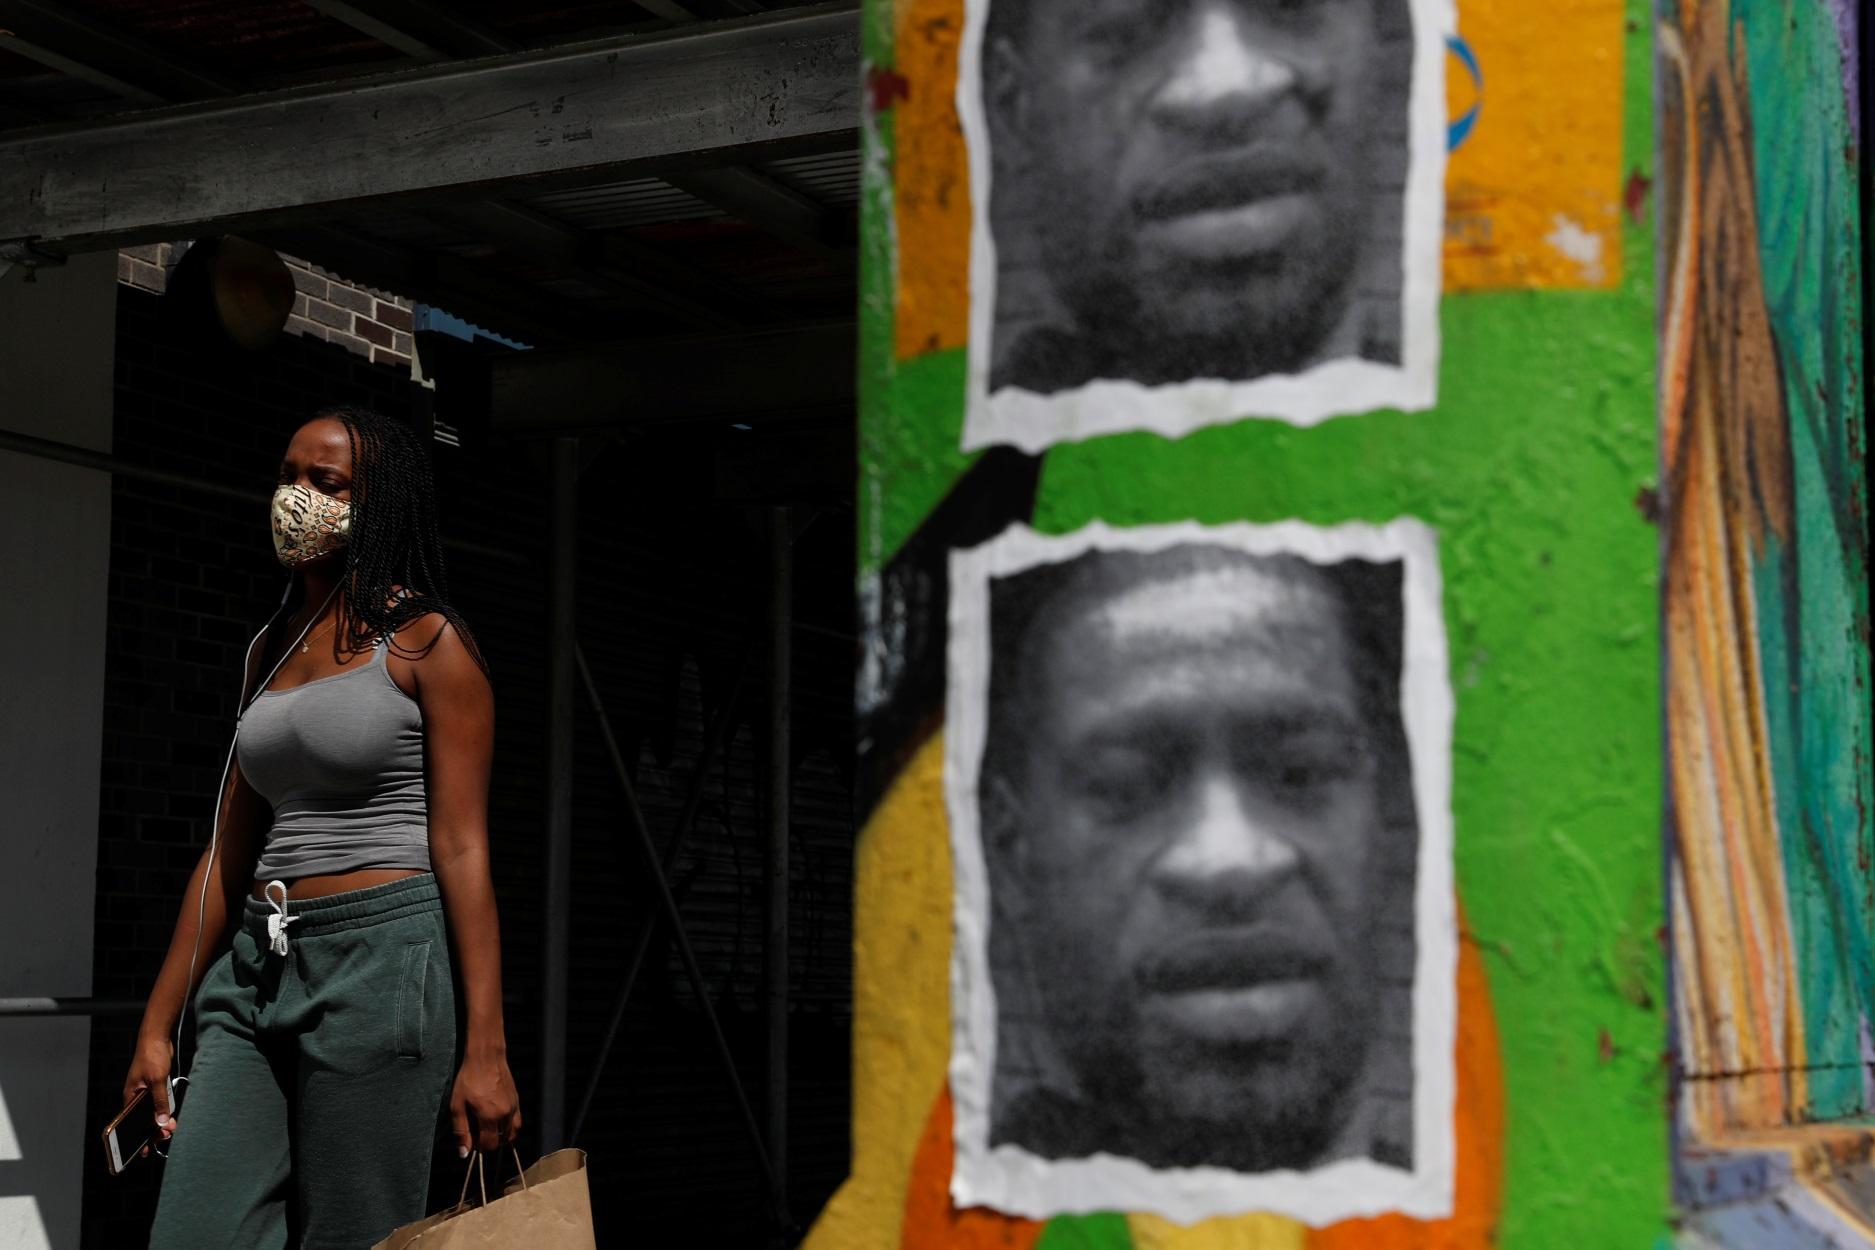 Τζορτζ Φλόιντ: Αγωγή στην πόλη της Μινεάπολης και τους 4 αστυνομικούς